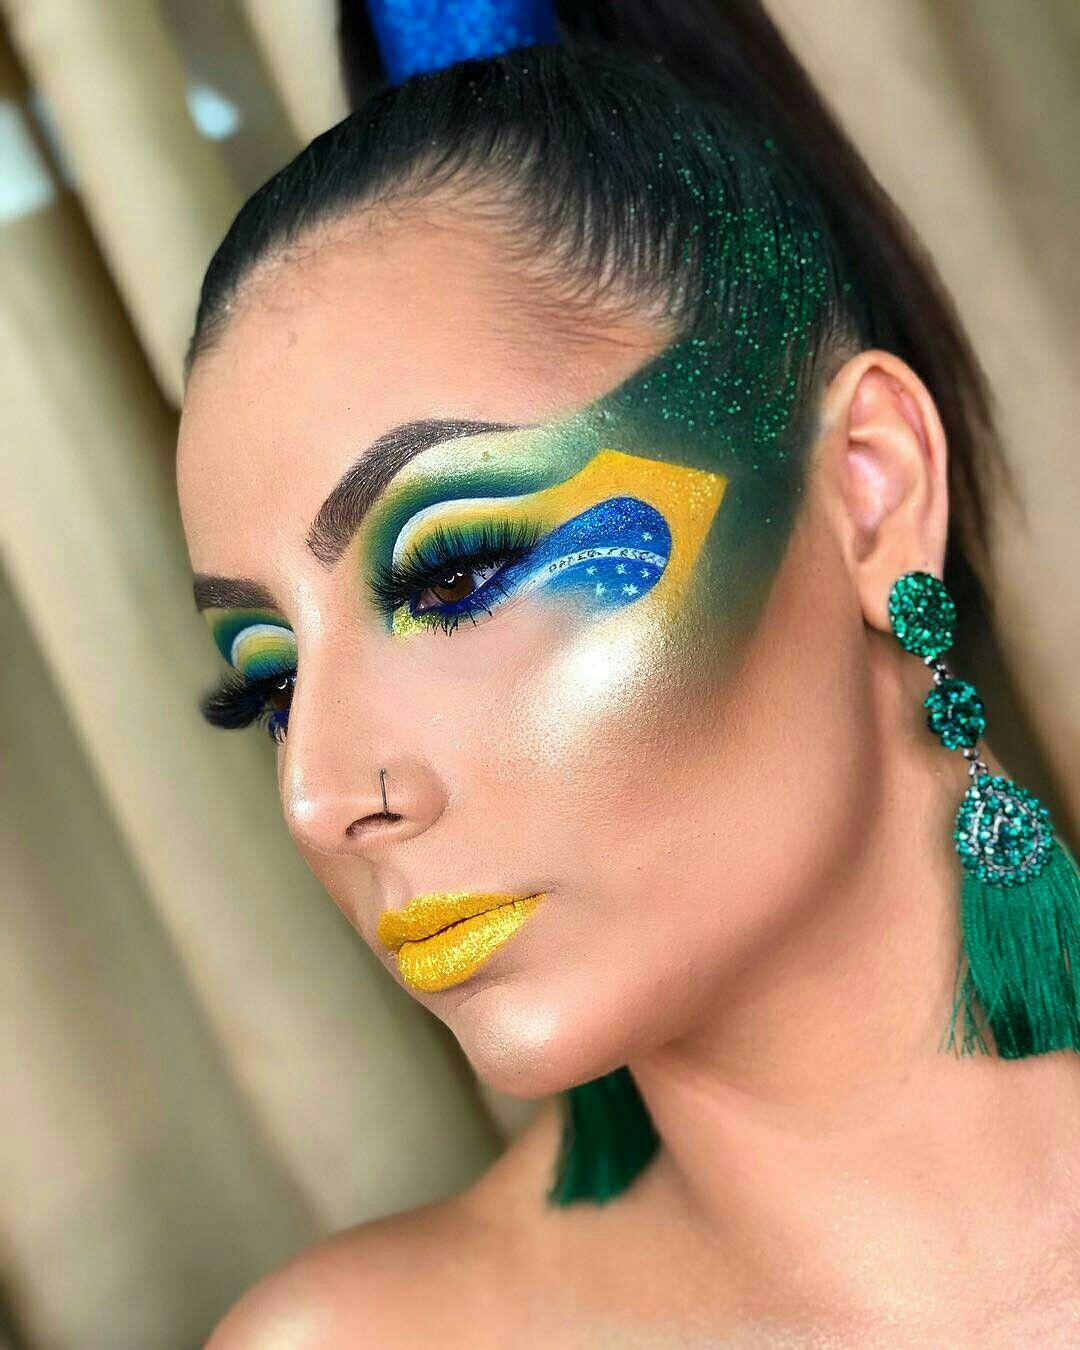 Maquiagem Para O Jogo Do Brasil Tattibueno Maquiagem Makeup Jogodobrasil Copadomundo Gostod Maquiagem Para Baile Maquiagem Artistica Ideias De Maquiagem